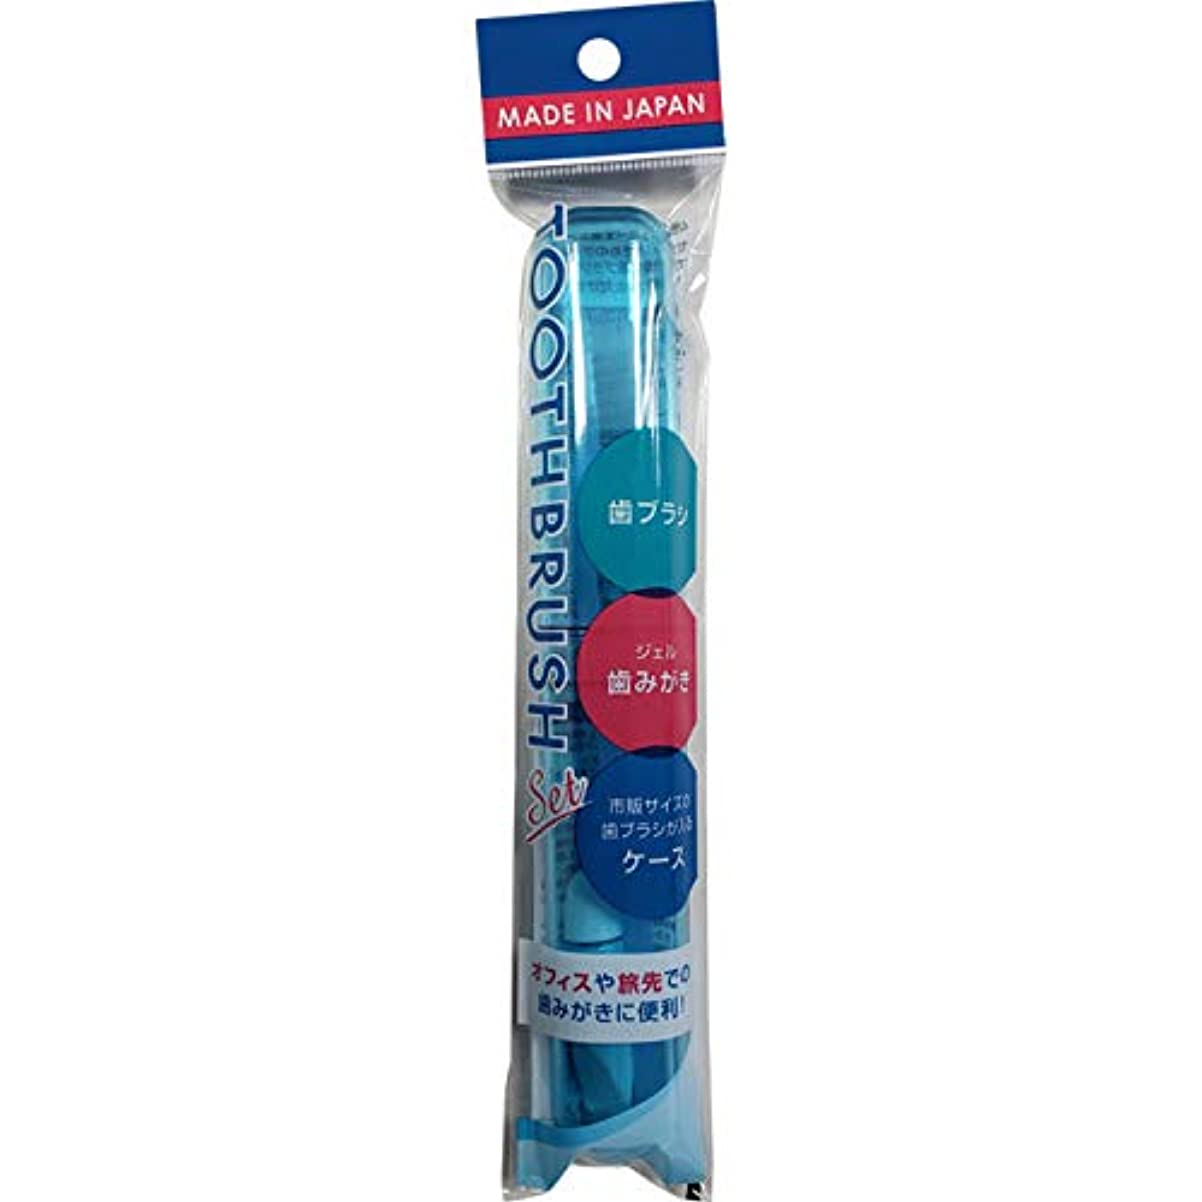 ハブ植物の新着【3個セット】歯ブラシ&ジェル歯みがきケースセット